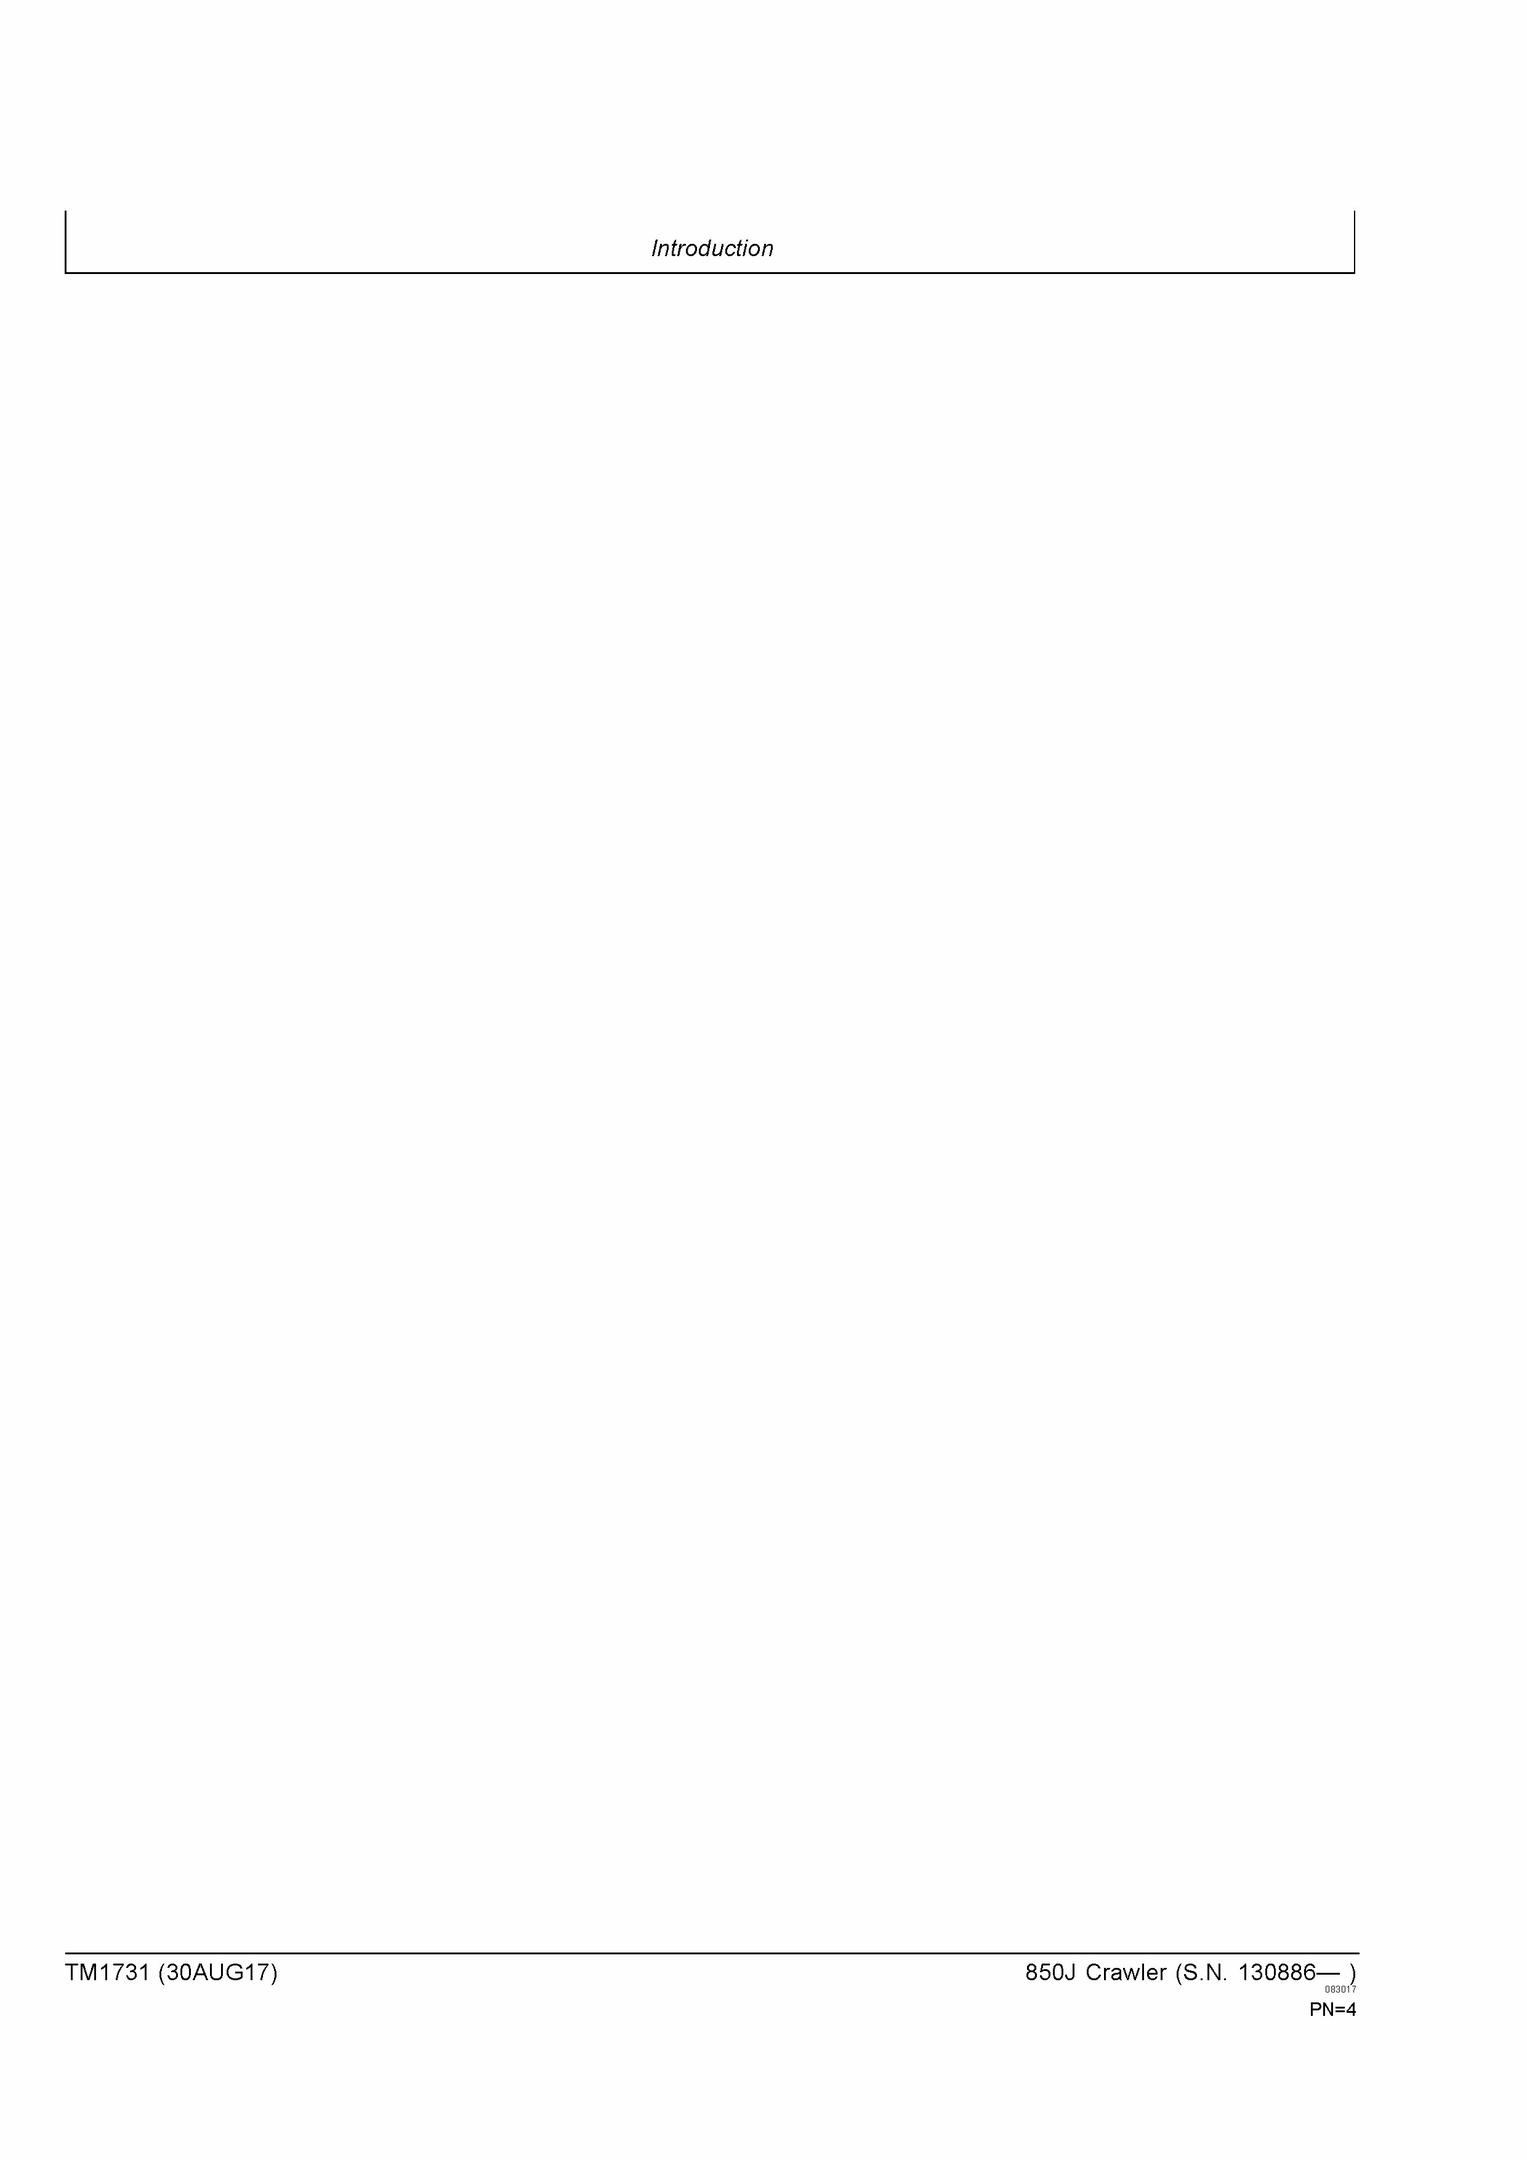 John deere 850j repair manual ultimate user guide john deere 850j crawler dozer repair service technical rh sellfy com john deere 850 repair manual john deere 850 repair manual free download fandeluxe Image collections